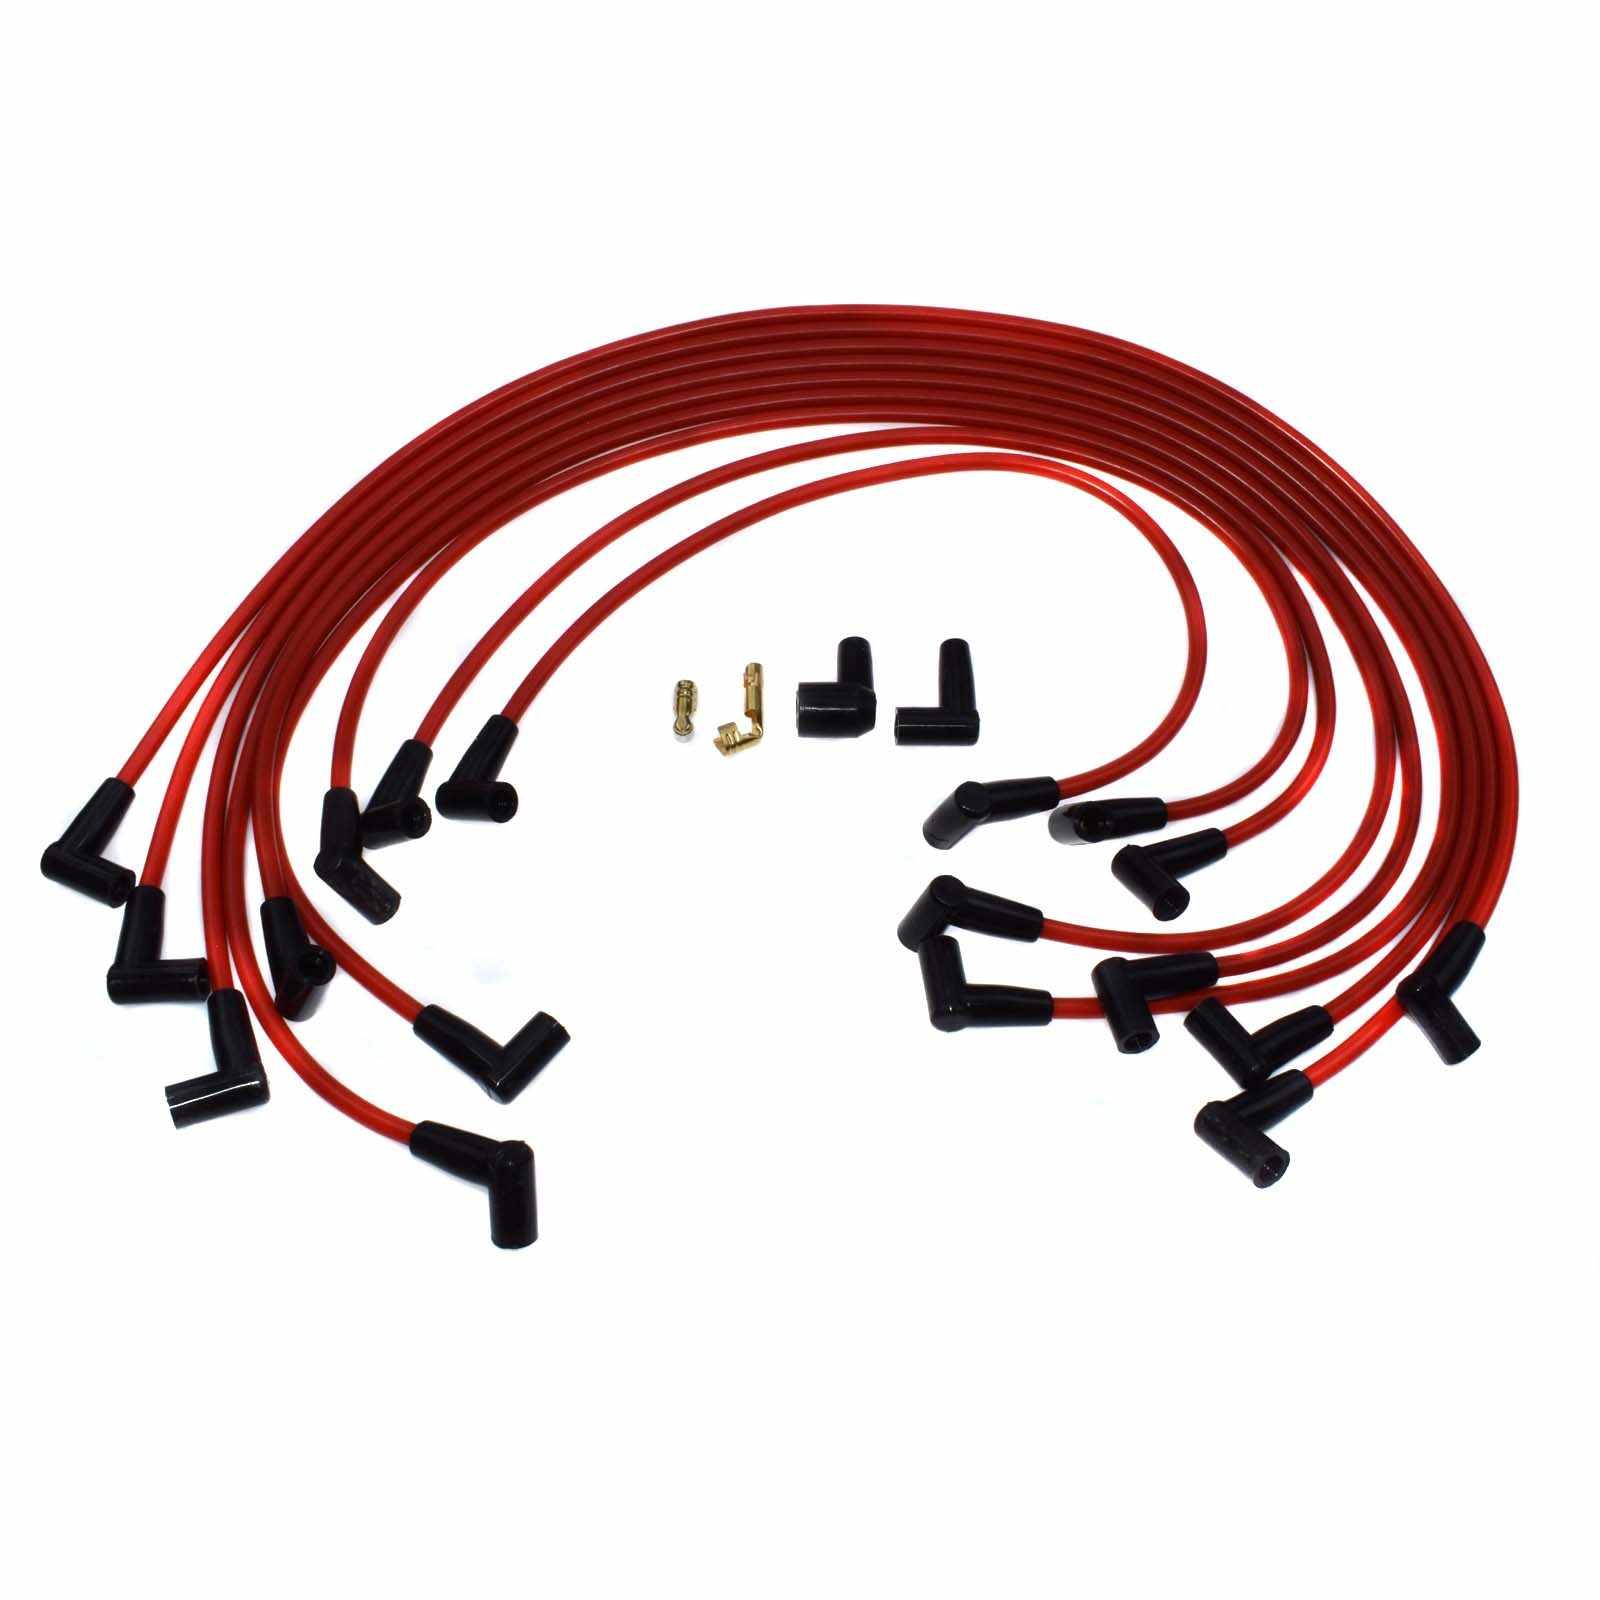 WOLFIGO 9 шт. 73684 провод к свече зажигания Набор кабелей 90 градусов HEI силиконовый над клапаном 9 мм для Chevrolet Matiz Daewoo Tico